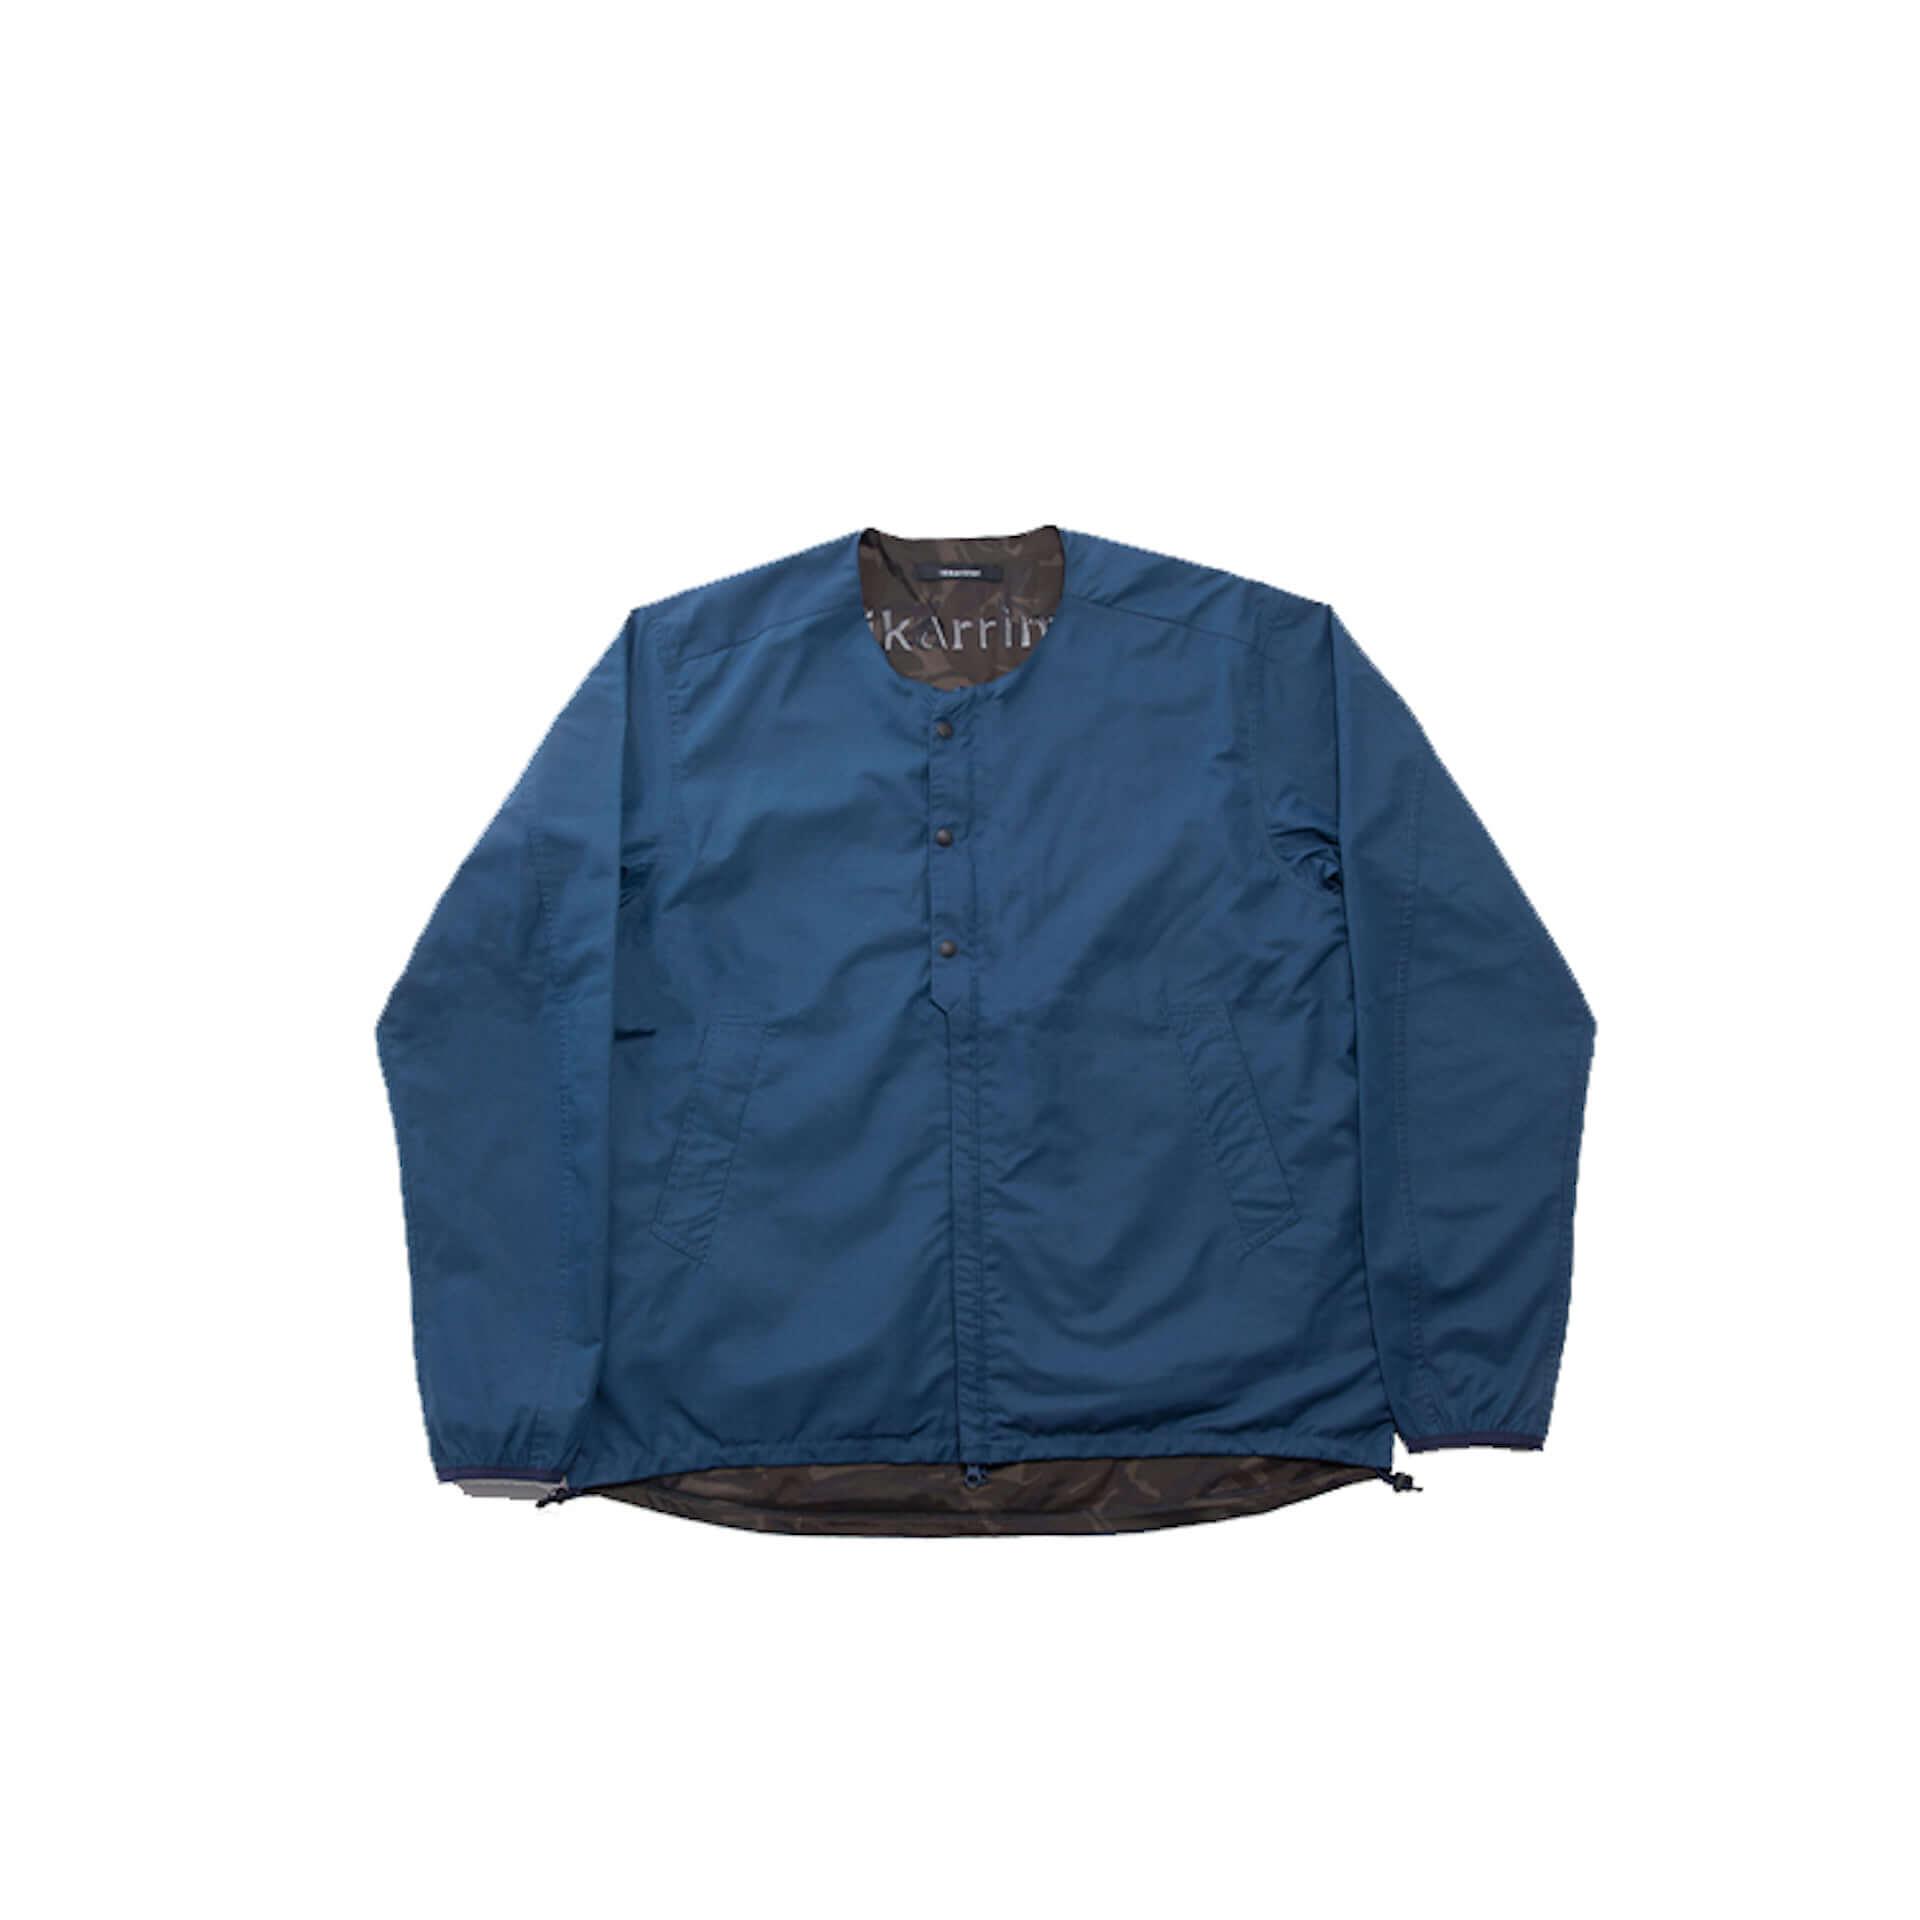 karrimor直営店限定のリバーシブルジャケット、Tシャツ、スタッフバッグが発売!2021年春夏コレクション「ADVENTURE」第1弾 lf210212_karrimor_6-1920x1920